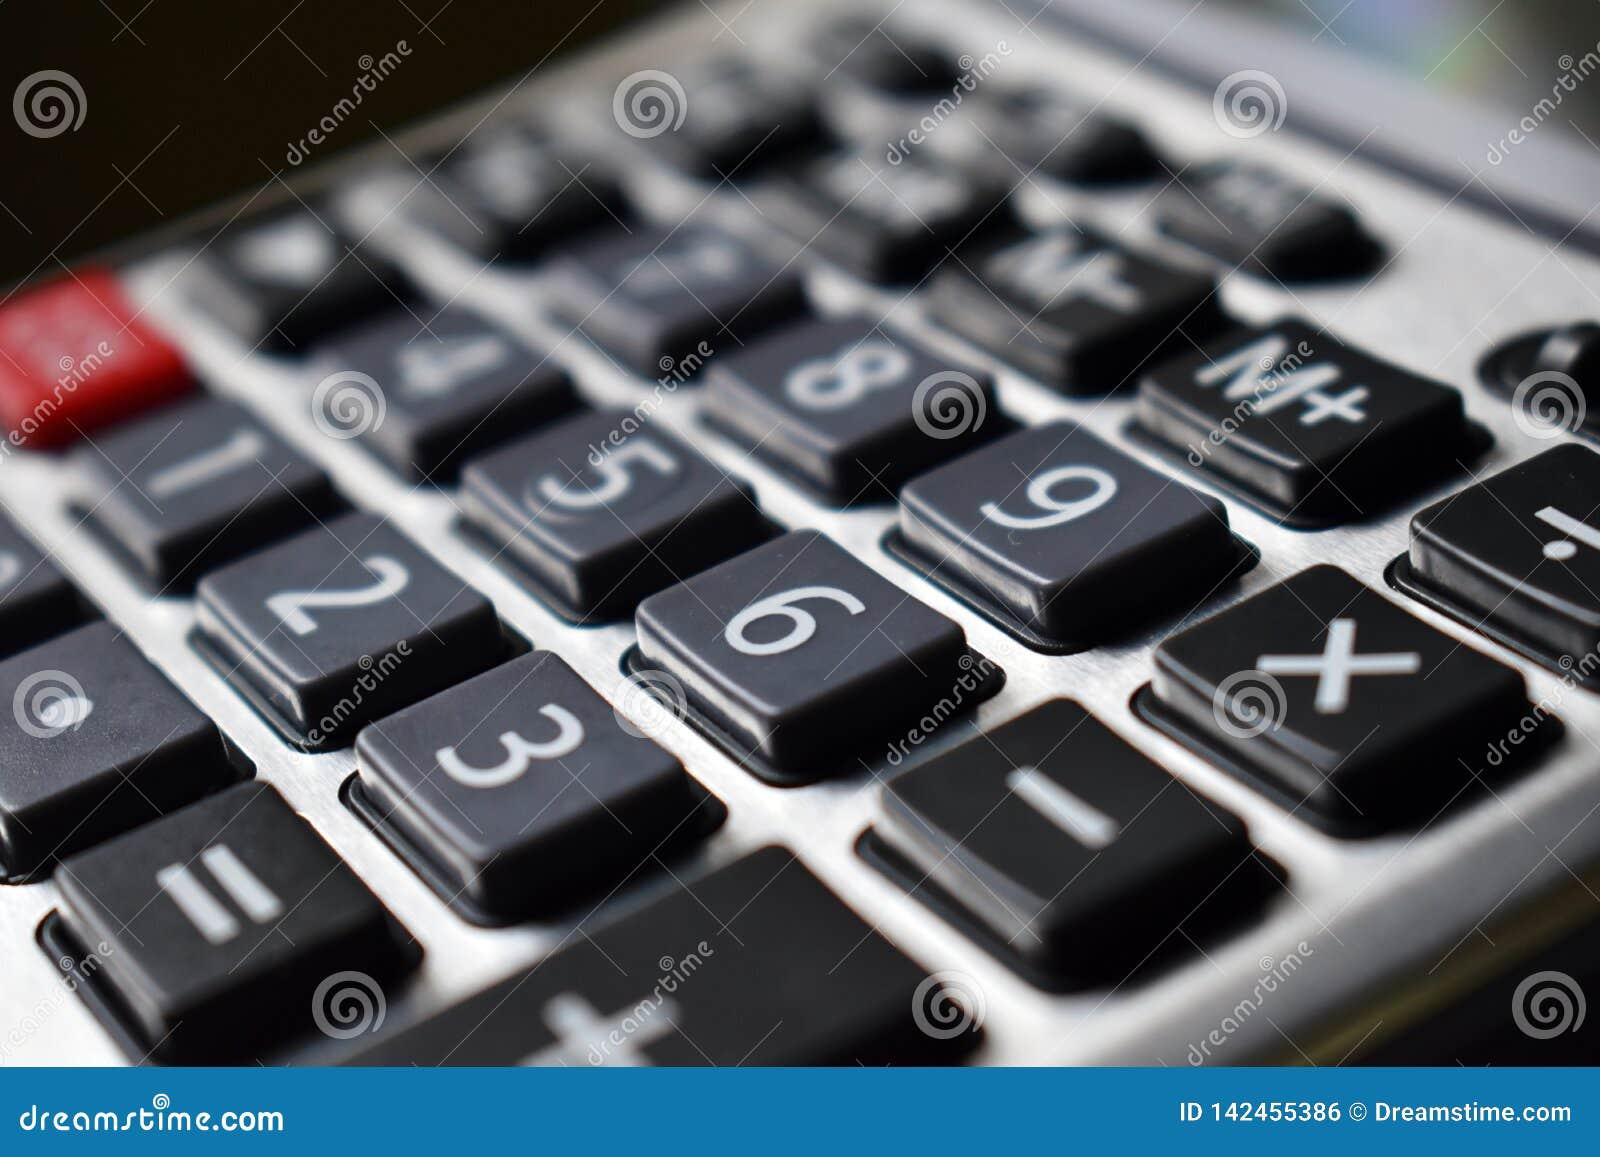 Μαύρα κλειδιά υπολογιστών με τους άσπρους αριθμούς και ένα κόκκινο κο